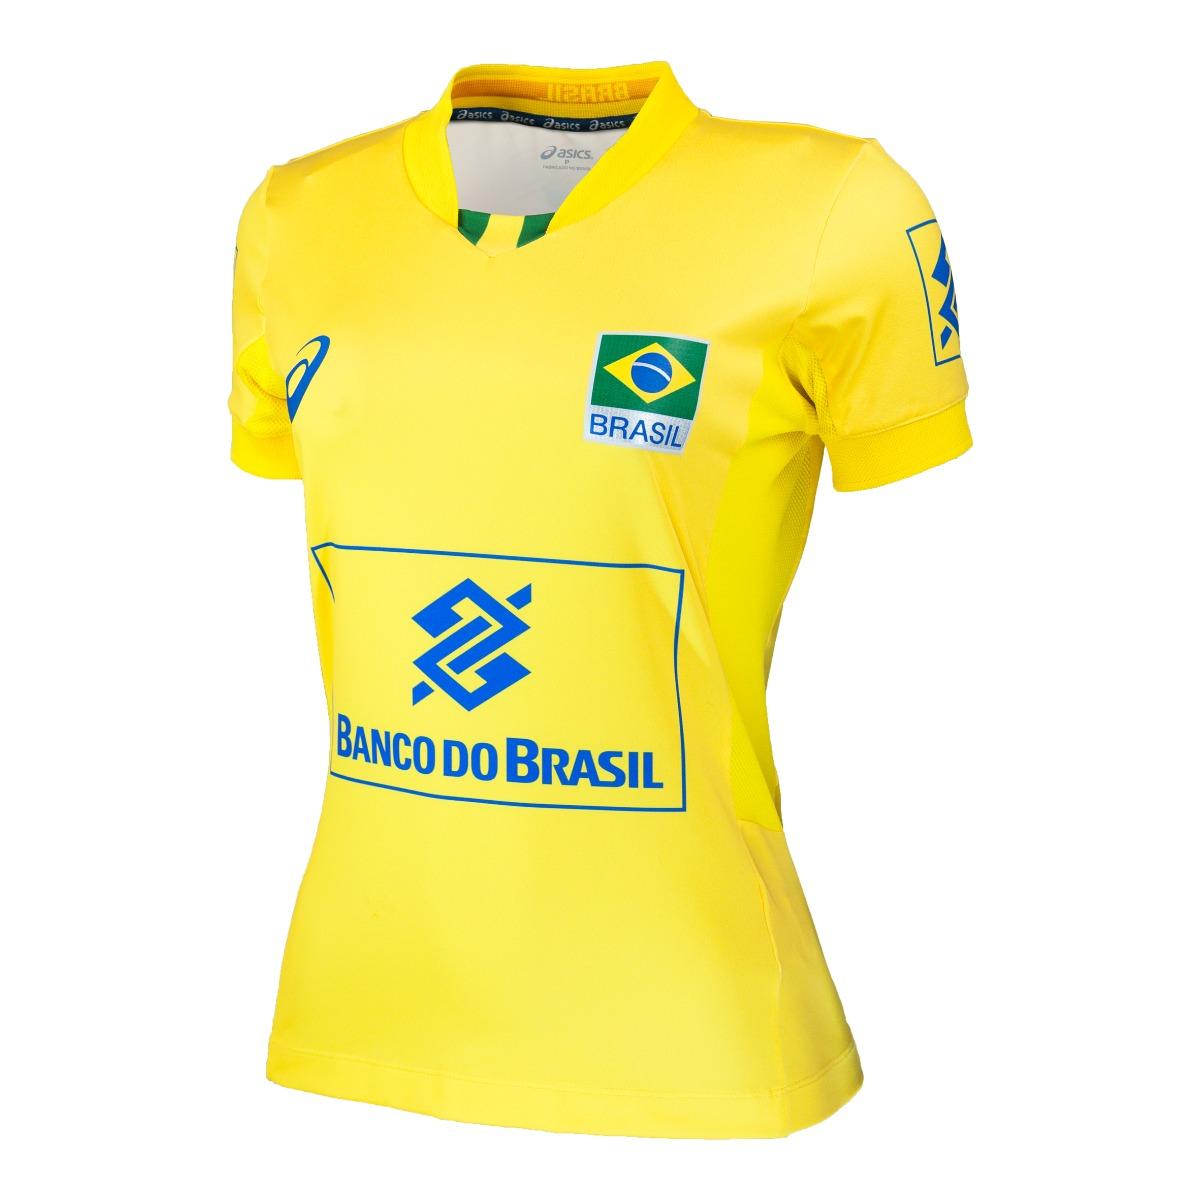 f473d209432 camisa oficial seleção brasileira volei - asics f original. Carregando zoom.